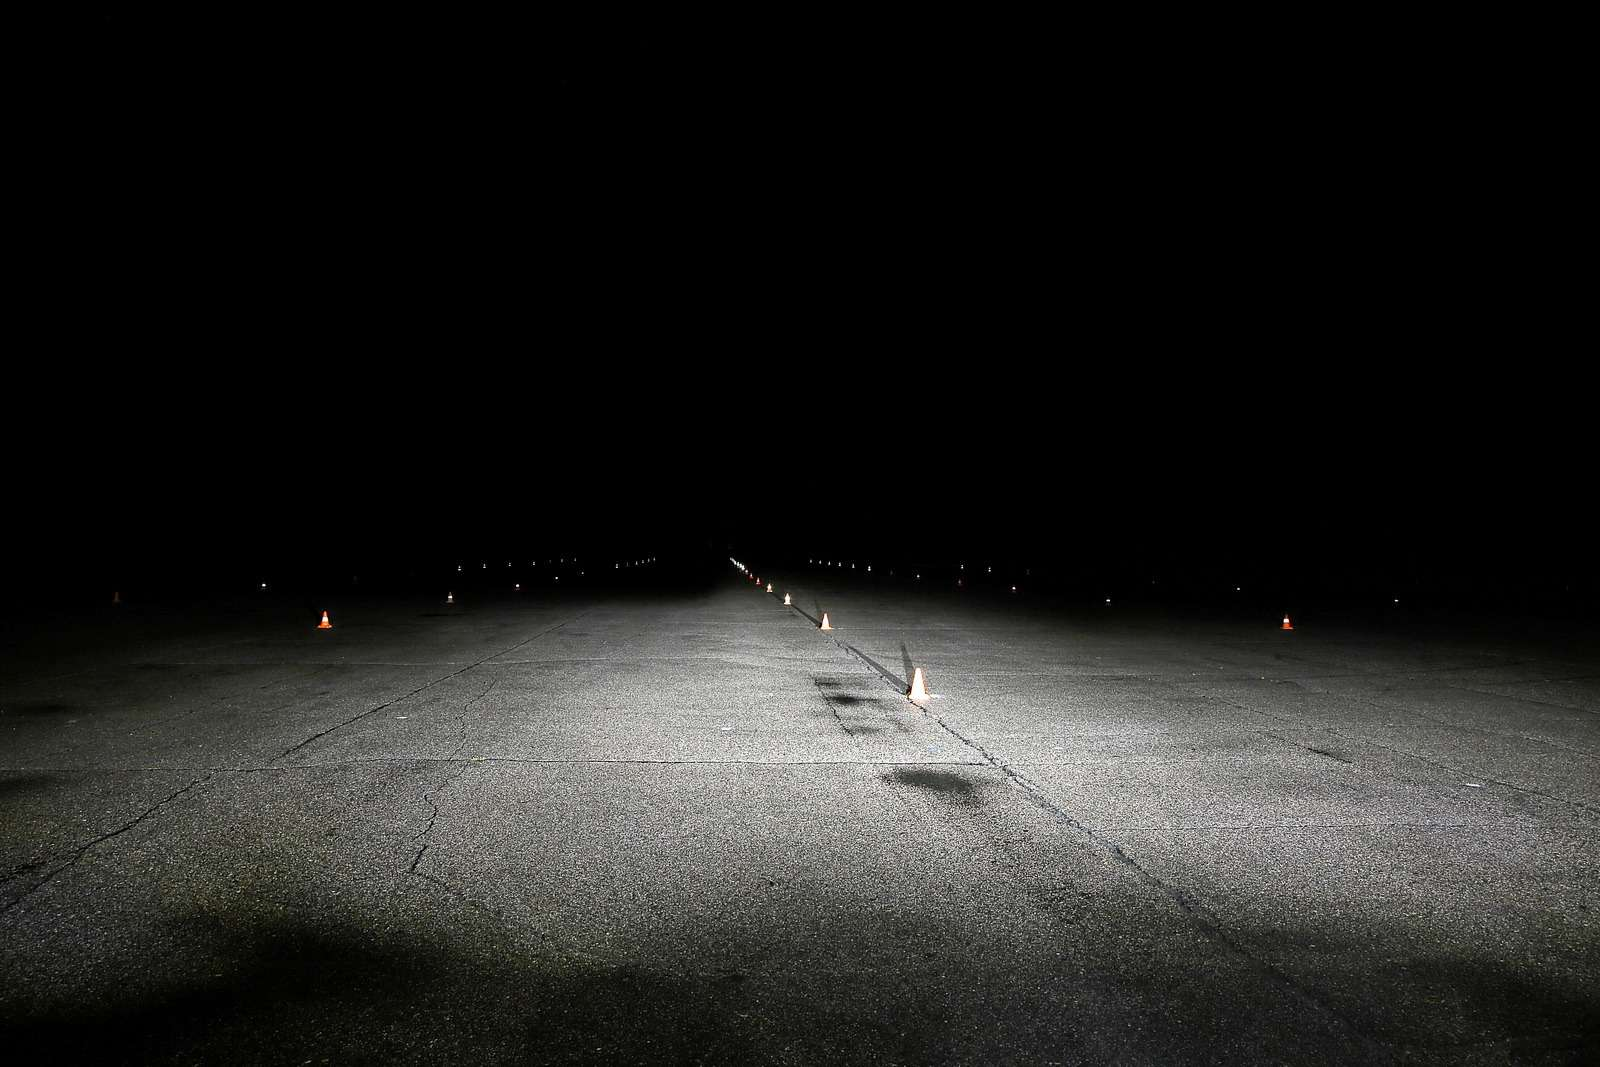 Супертест светодиодных фар: какая из10машин заглянет дальше?— фото 601246